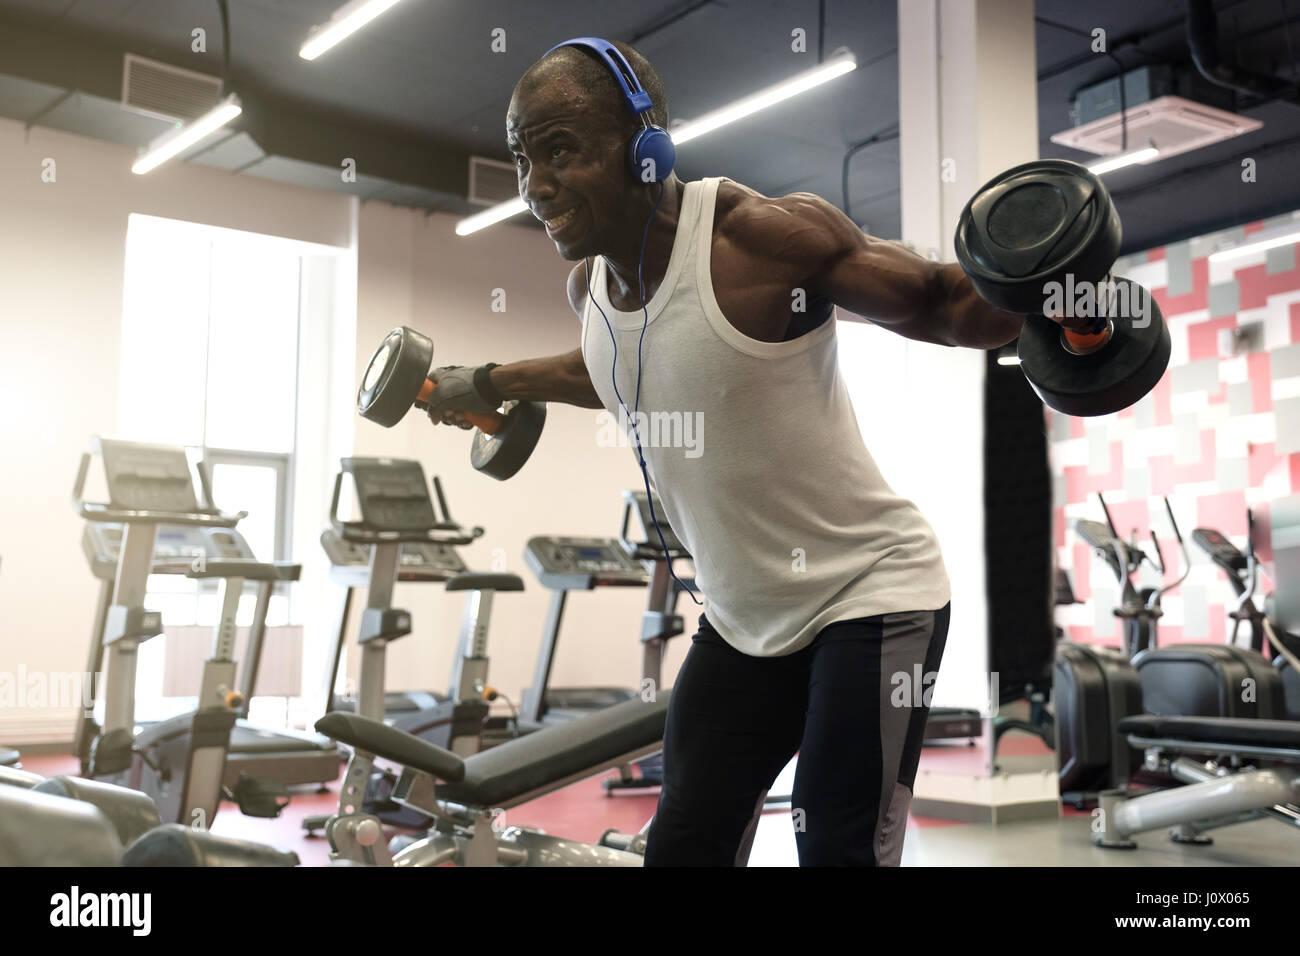 hartes Training. Muskulöse Schwarze Mann Übungen mit Hanteln für ...